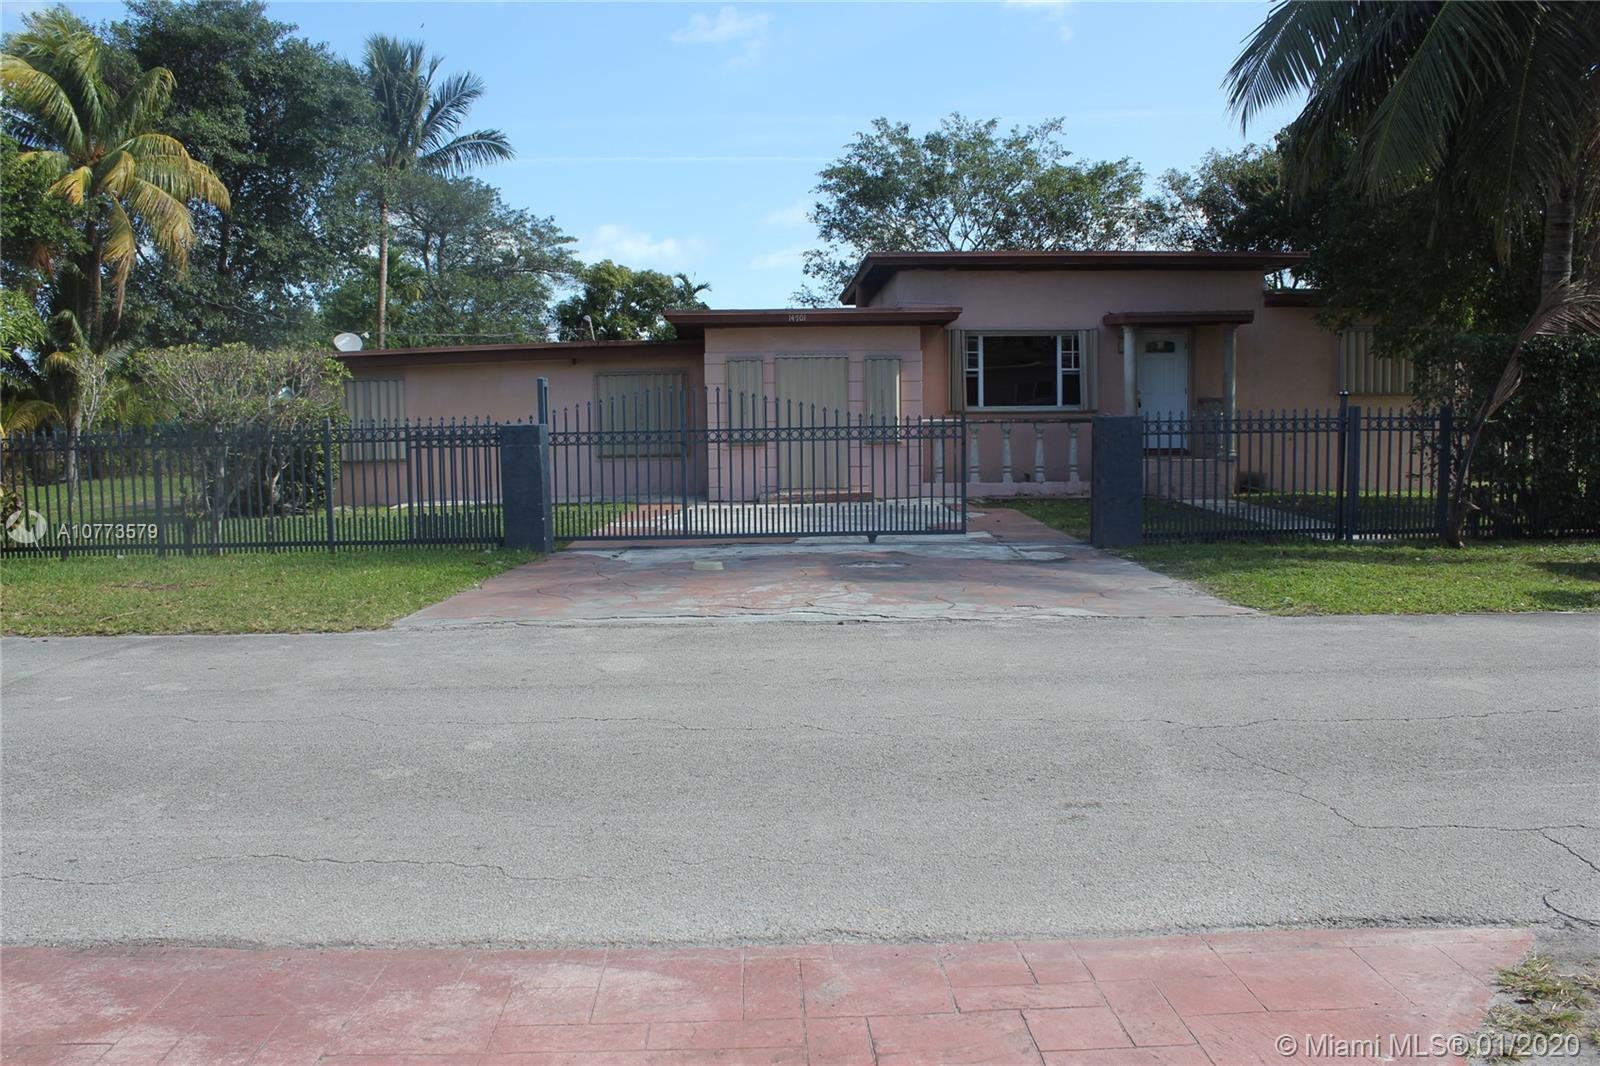 14701 NW 3rd Ave, Miami, FL 33168 - Miami, FL real estate listing